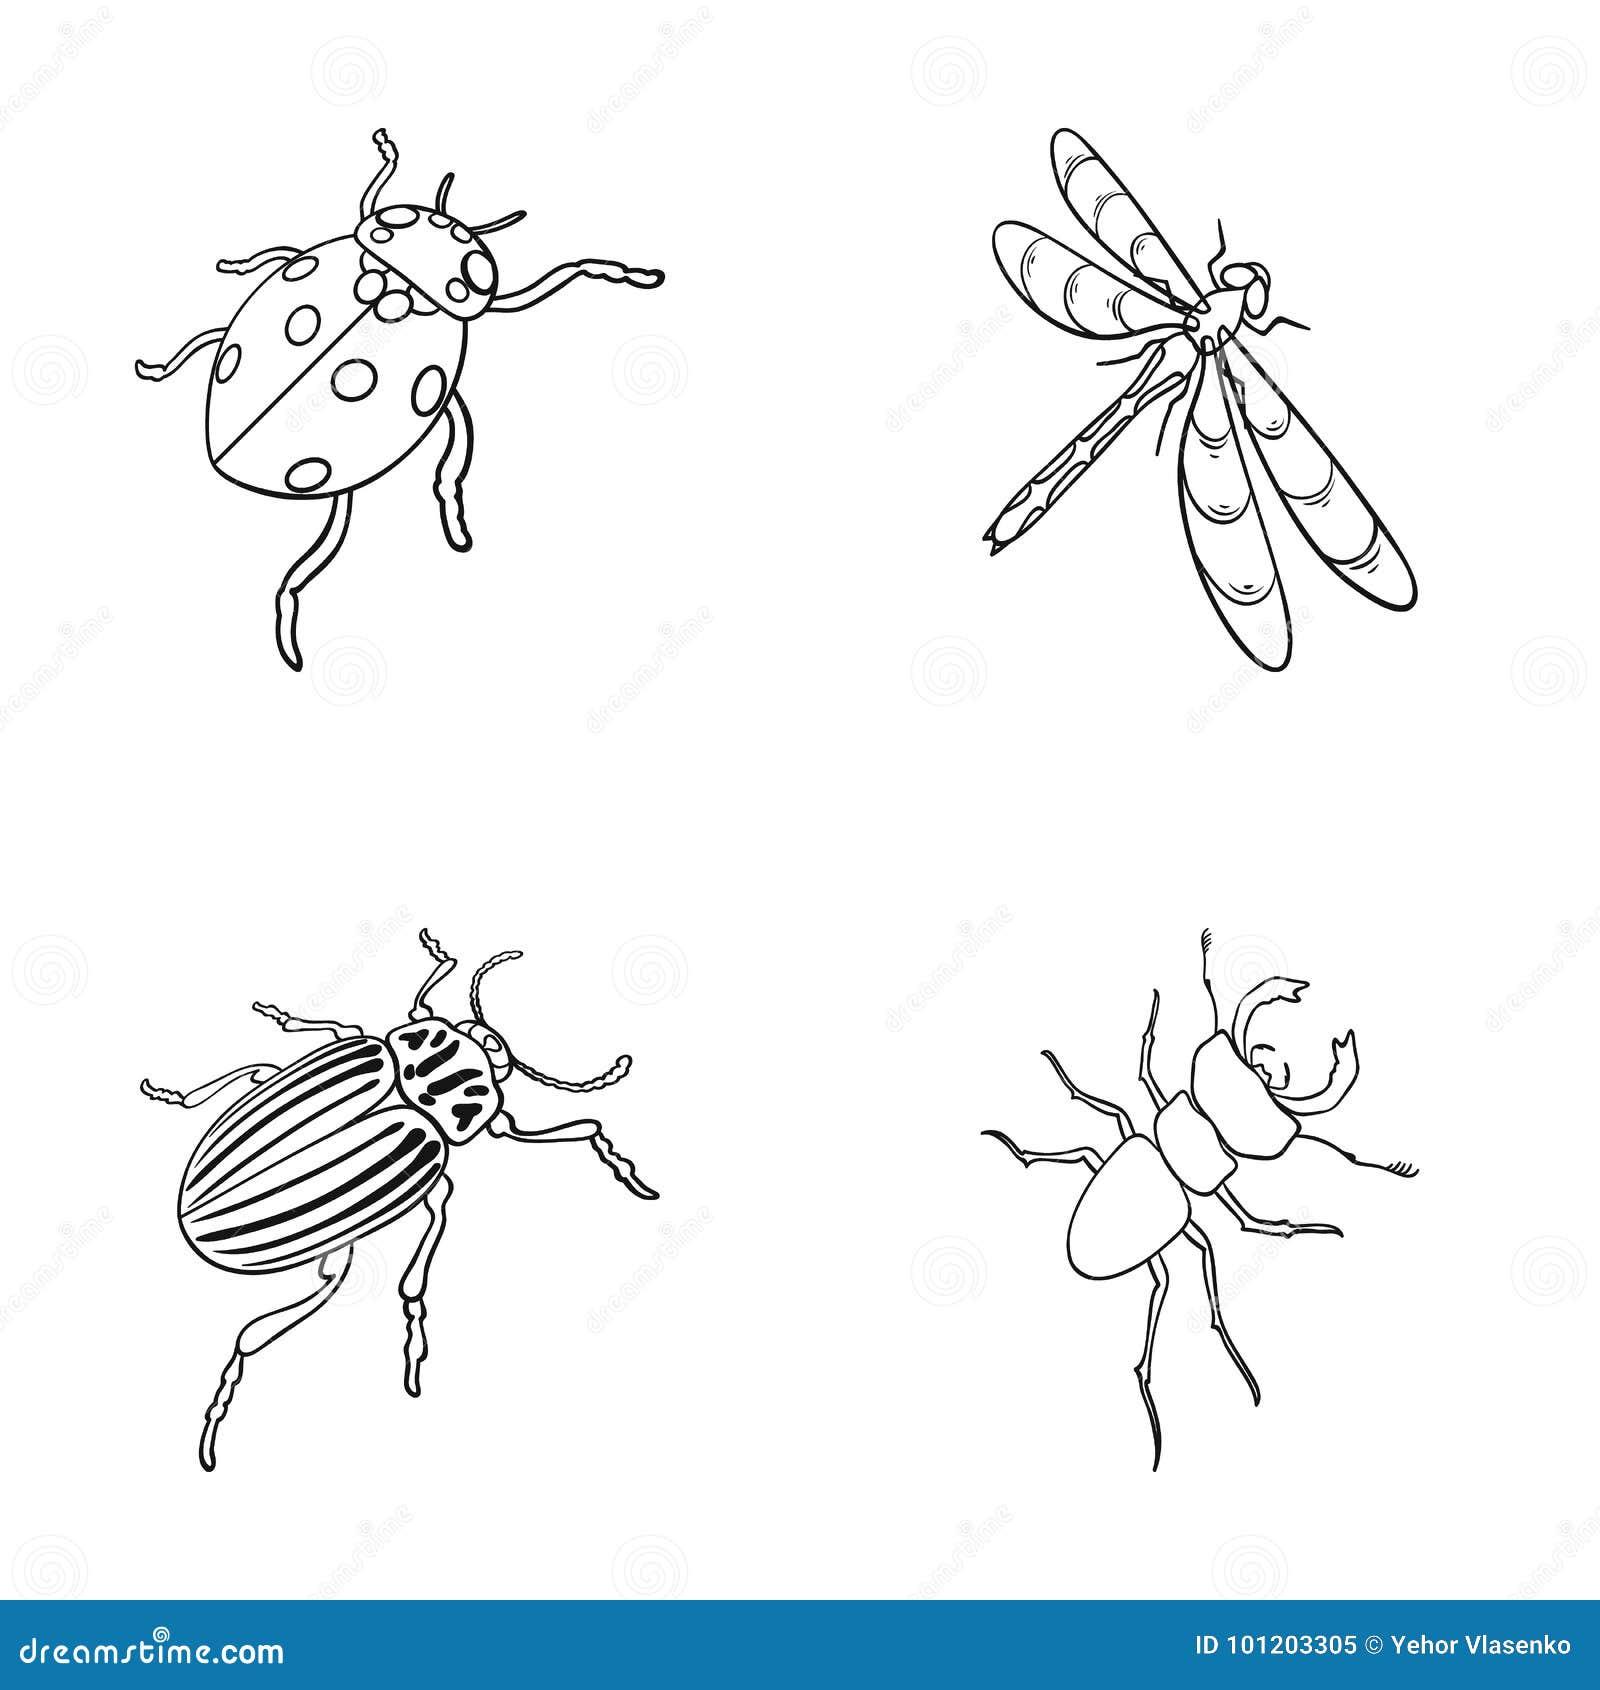 Członkonoga insekta ladybird, dragonfly, ściga, Kolorado ścigi insekt ustawiać inkasowe ikony w konturze projektuje wektor